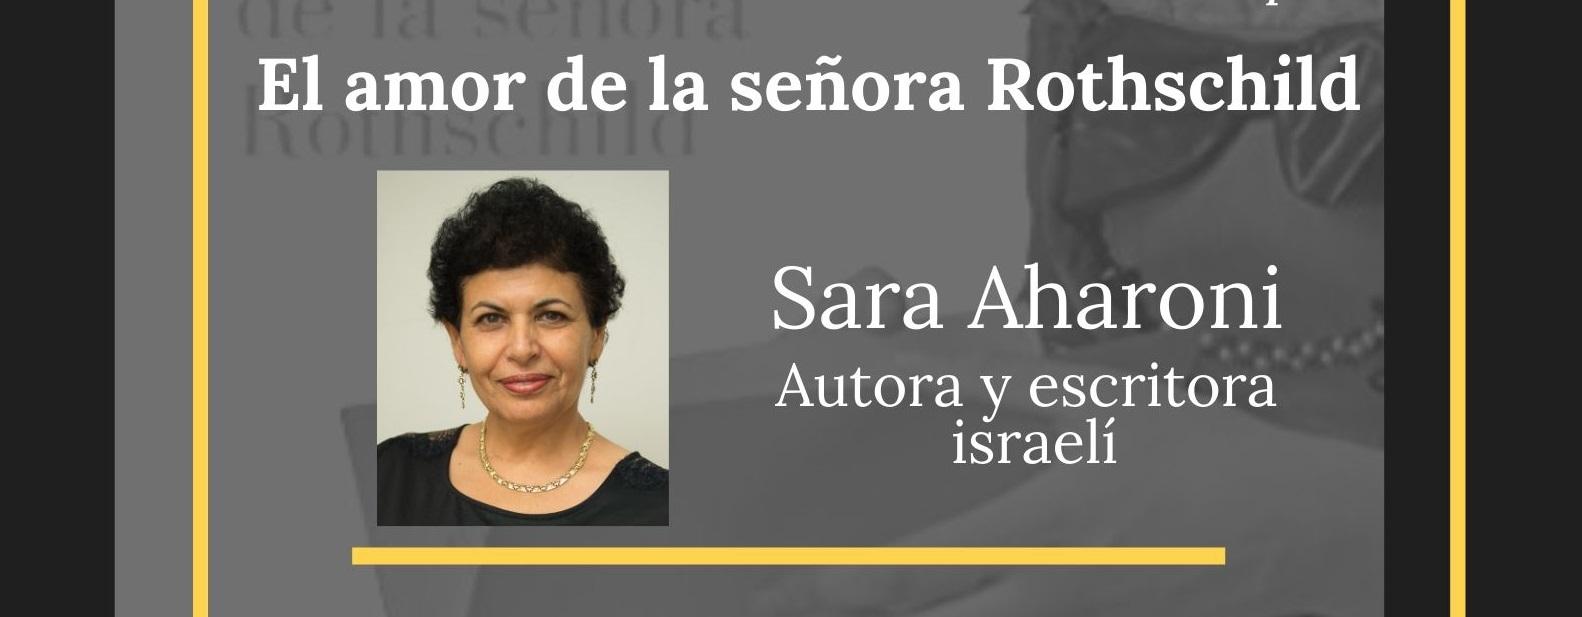 La Escritora Israelí Sara Aharoni Hablará De Su Libro El Amor De La Señora Rothschild Entrevistada Por Silvia Cherem